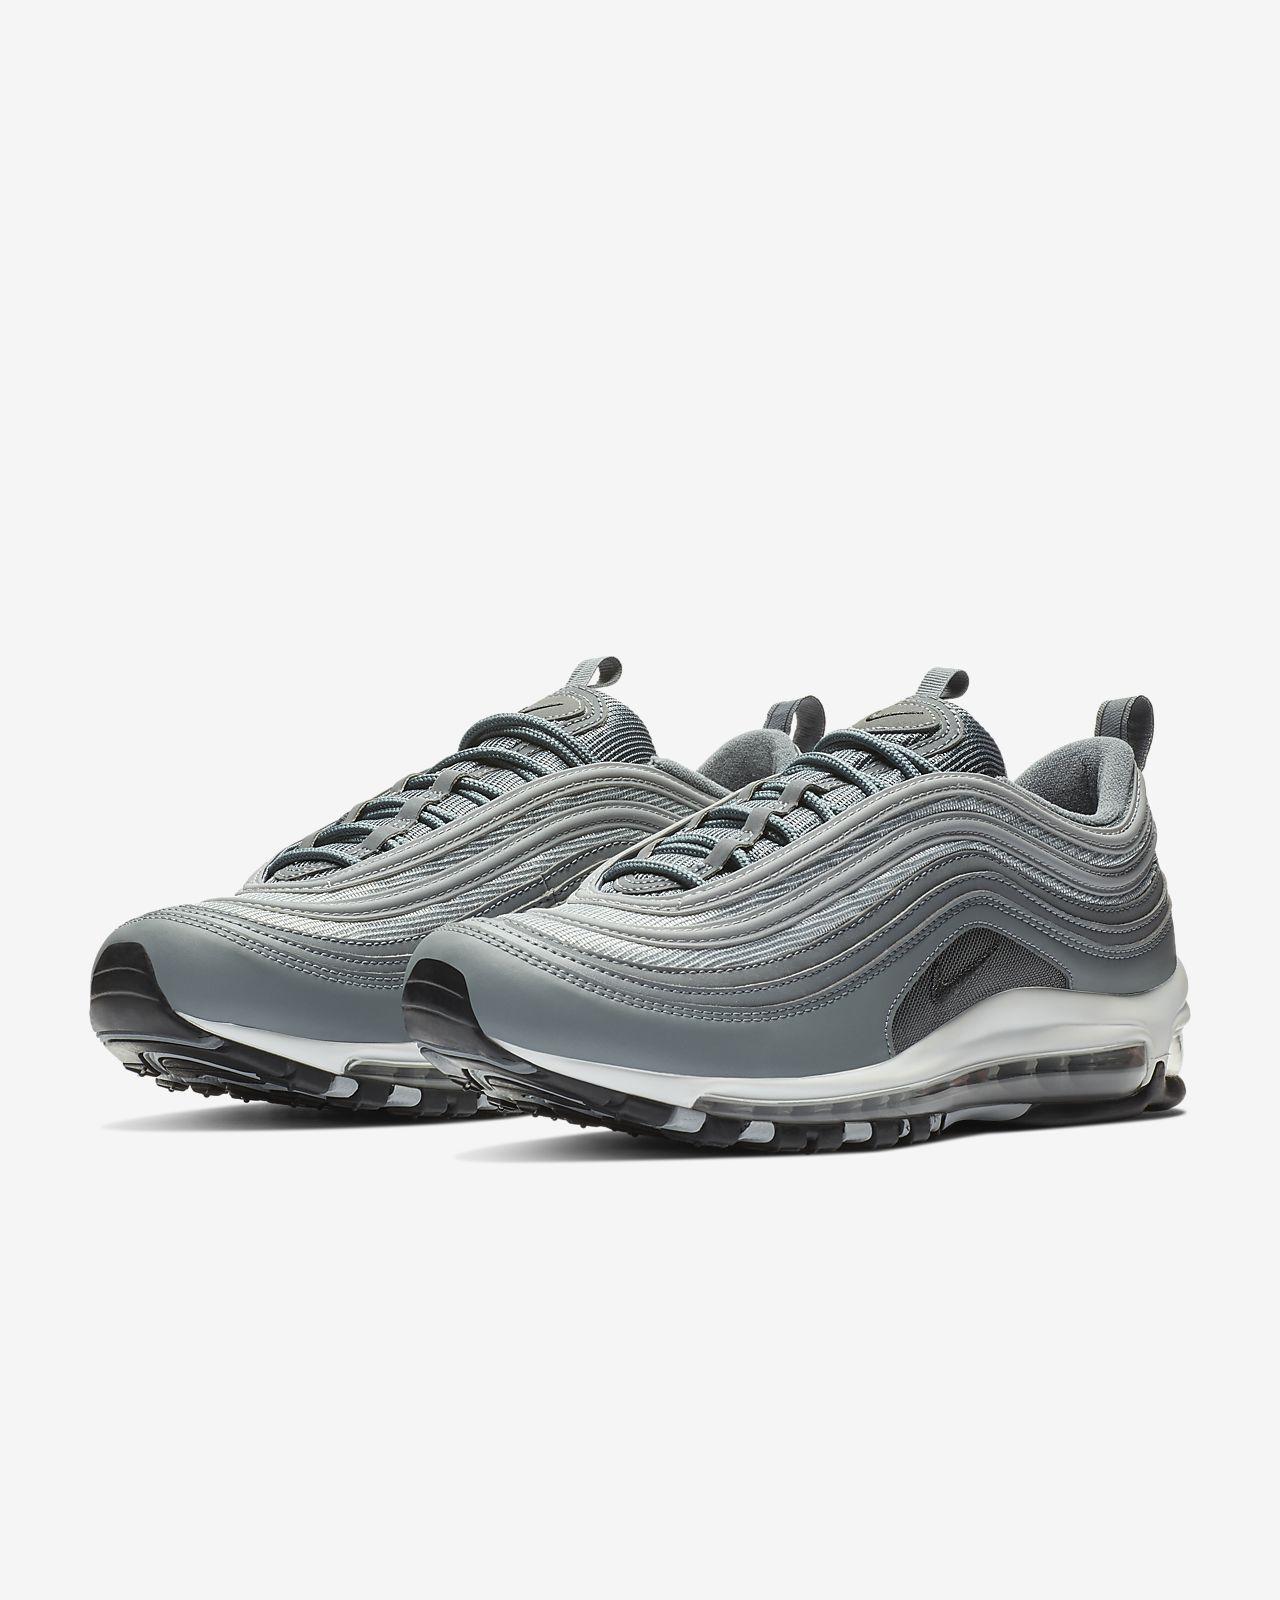 bc0a7b620b2 Ανδρικό παπούτσι Nike Air Max 97 Essential. Nike.com GR